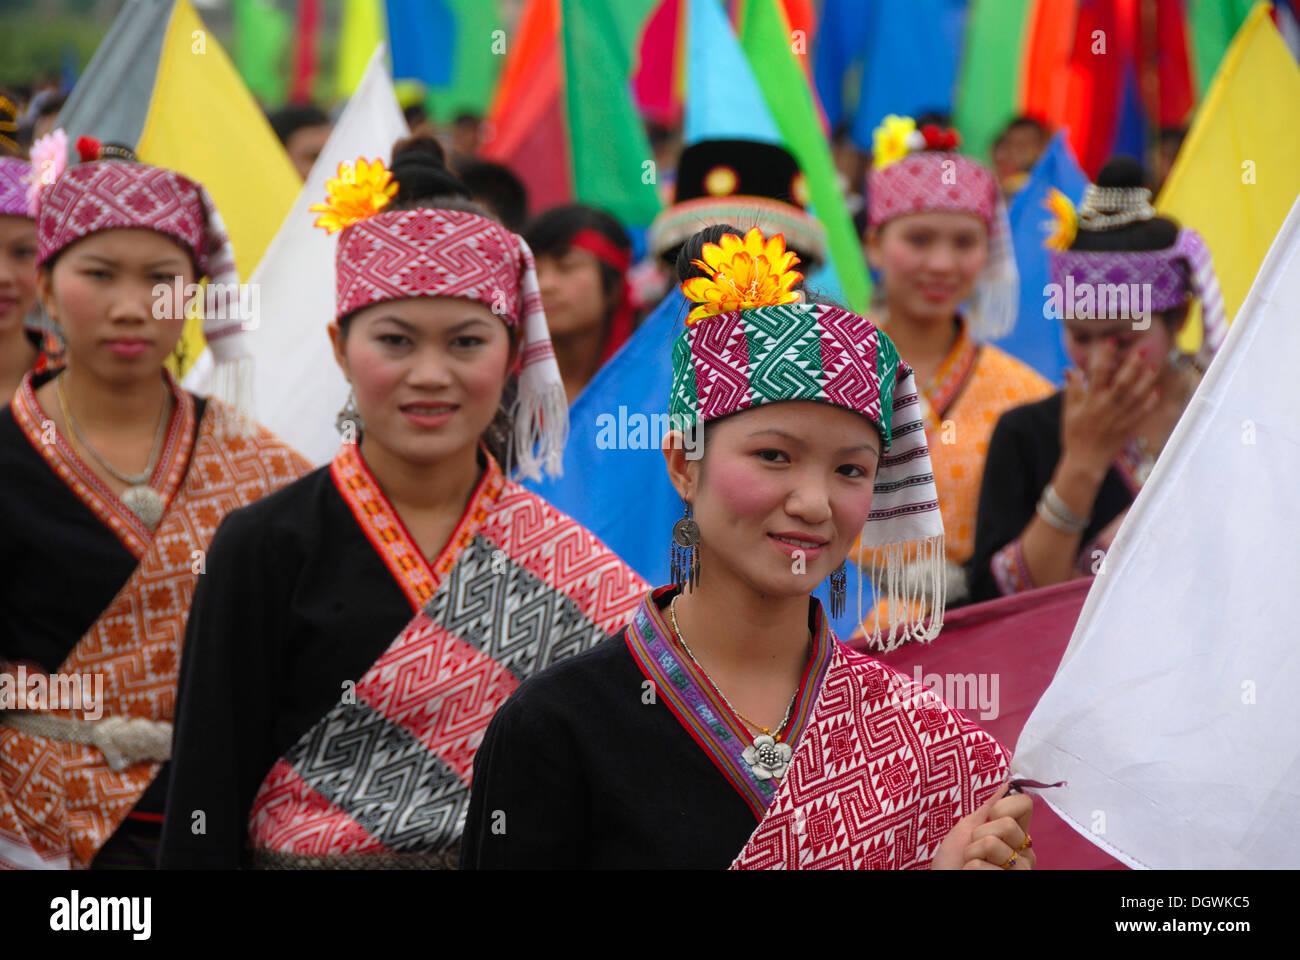 Festival, junge Frauen der ethnischen Gruppe der Khmu, traditionelle Kleidung, Hüte, Muang Xai Udomxai Provinz, Laos, Südostasien Stockbild